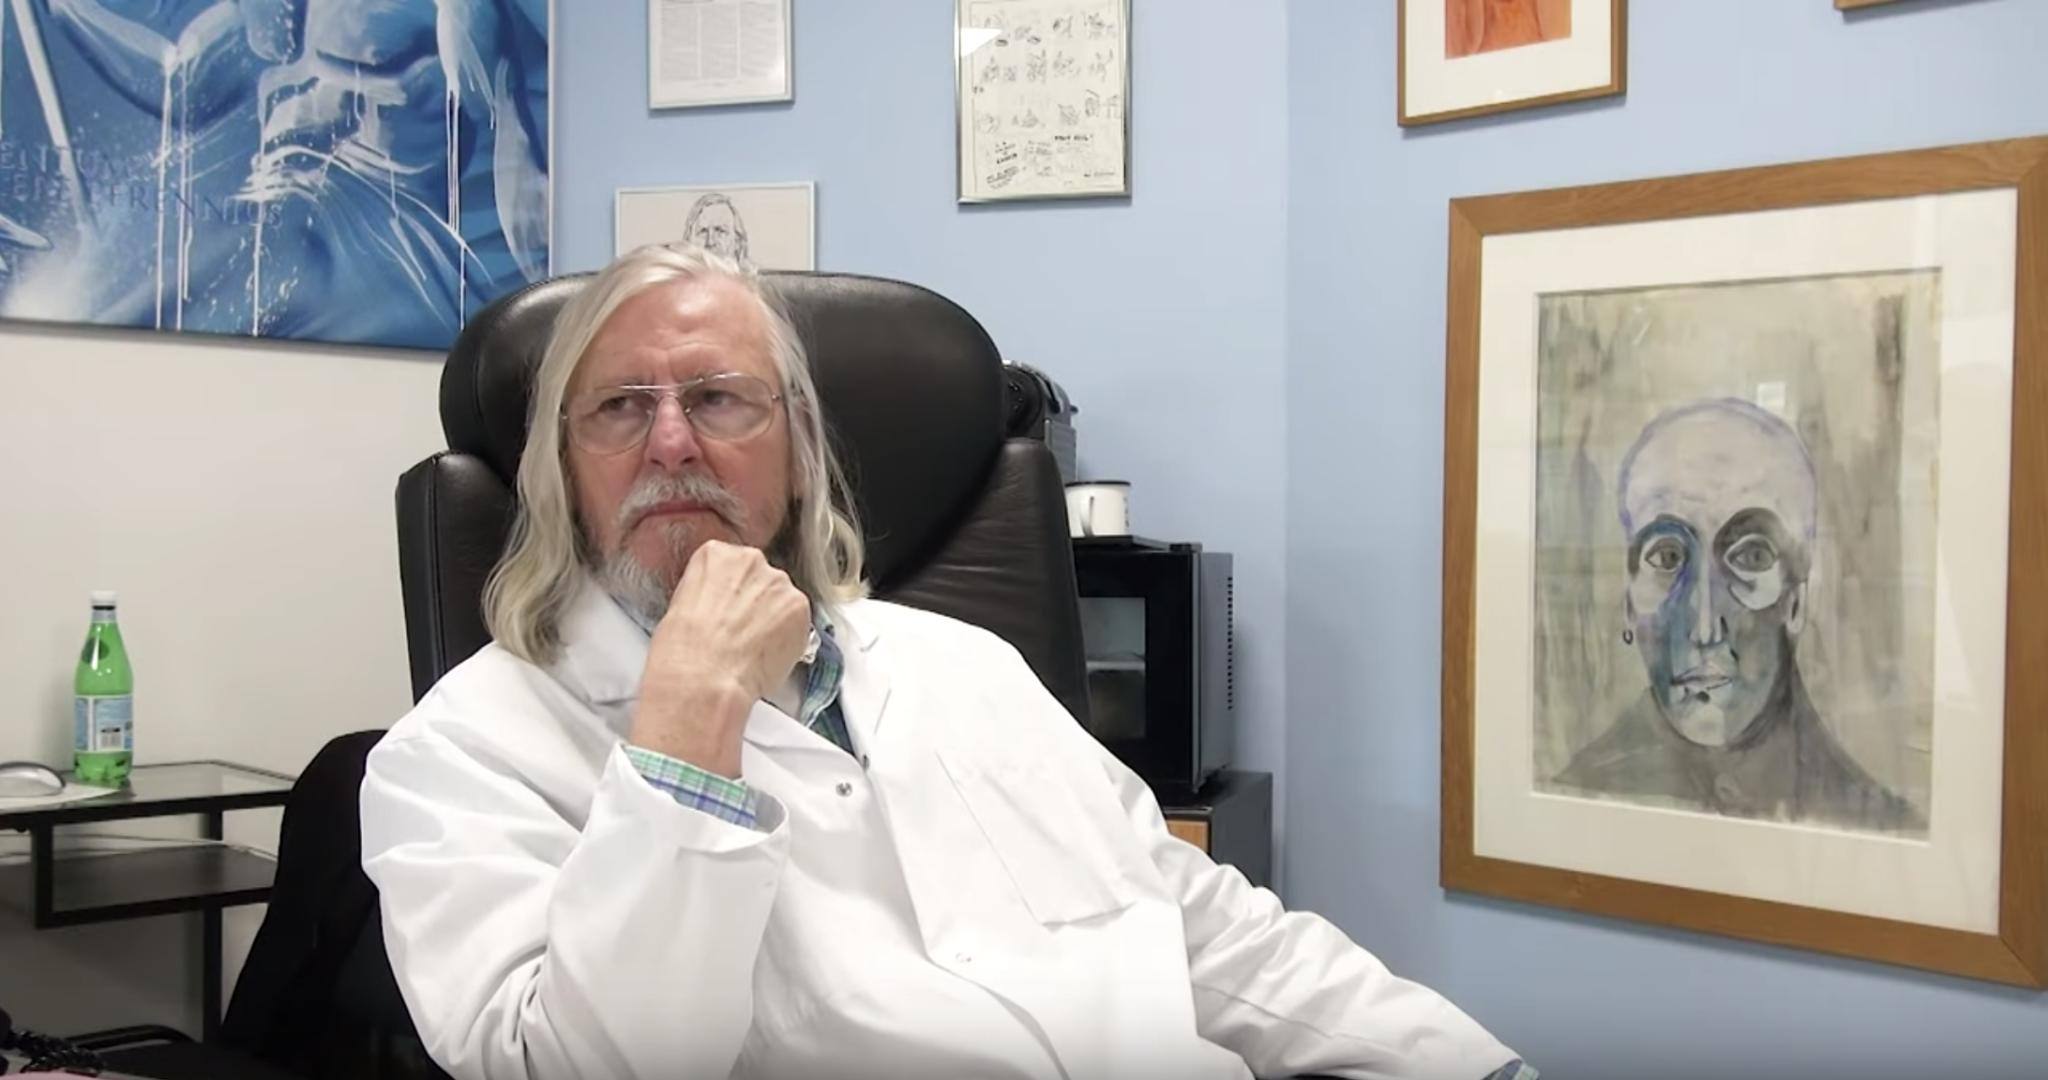 Pour Didier Raoult, le vaccin contre la Covid ne de devrait pas susciter autant d'enthousiasme